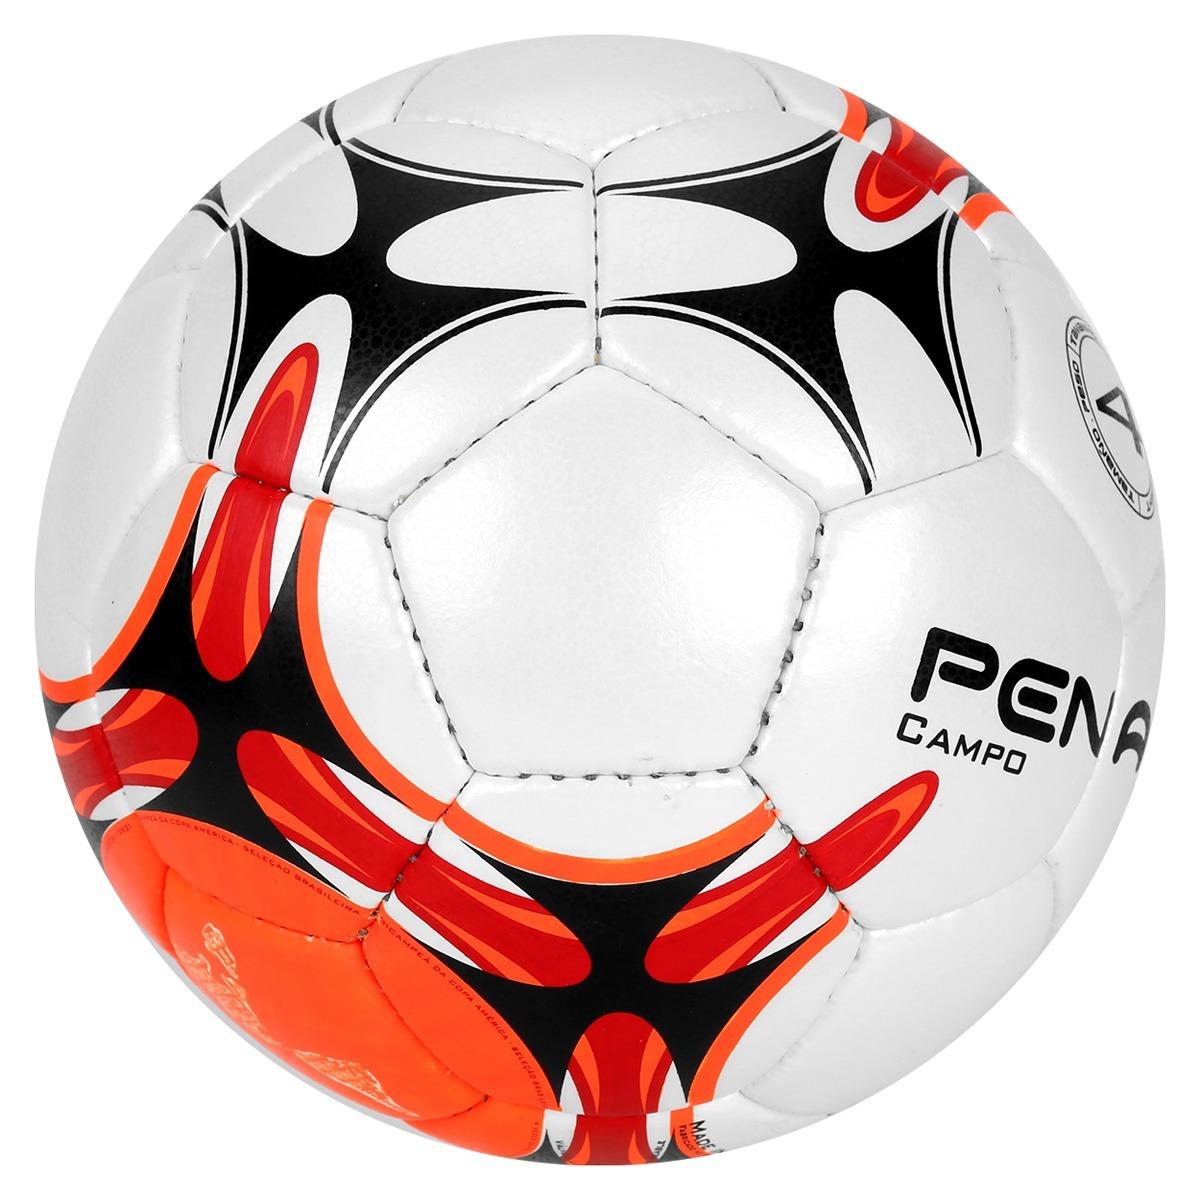 ef0b9bc293 Características. Marca Penalty  Modelo Bola de Futebol de Campo Penalty  Brasil 70 ...